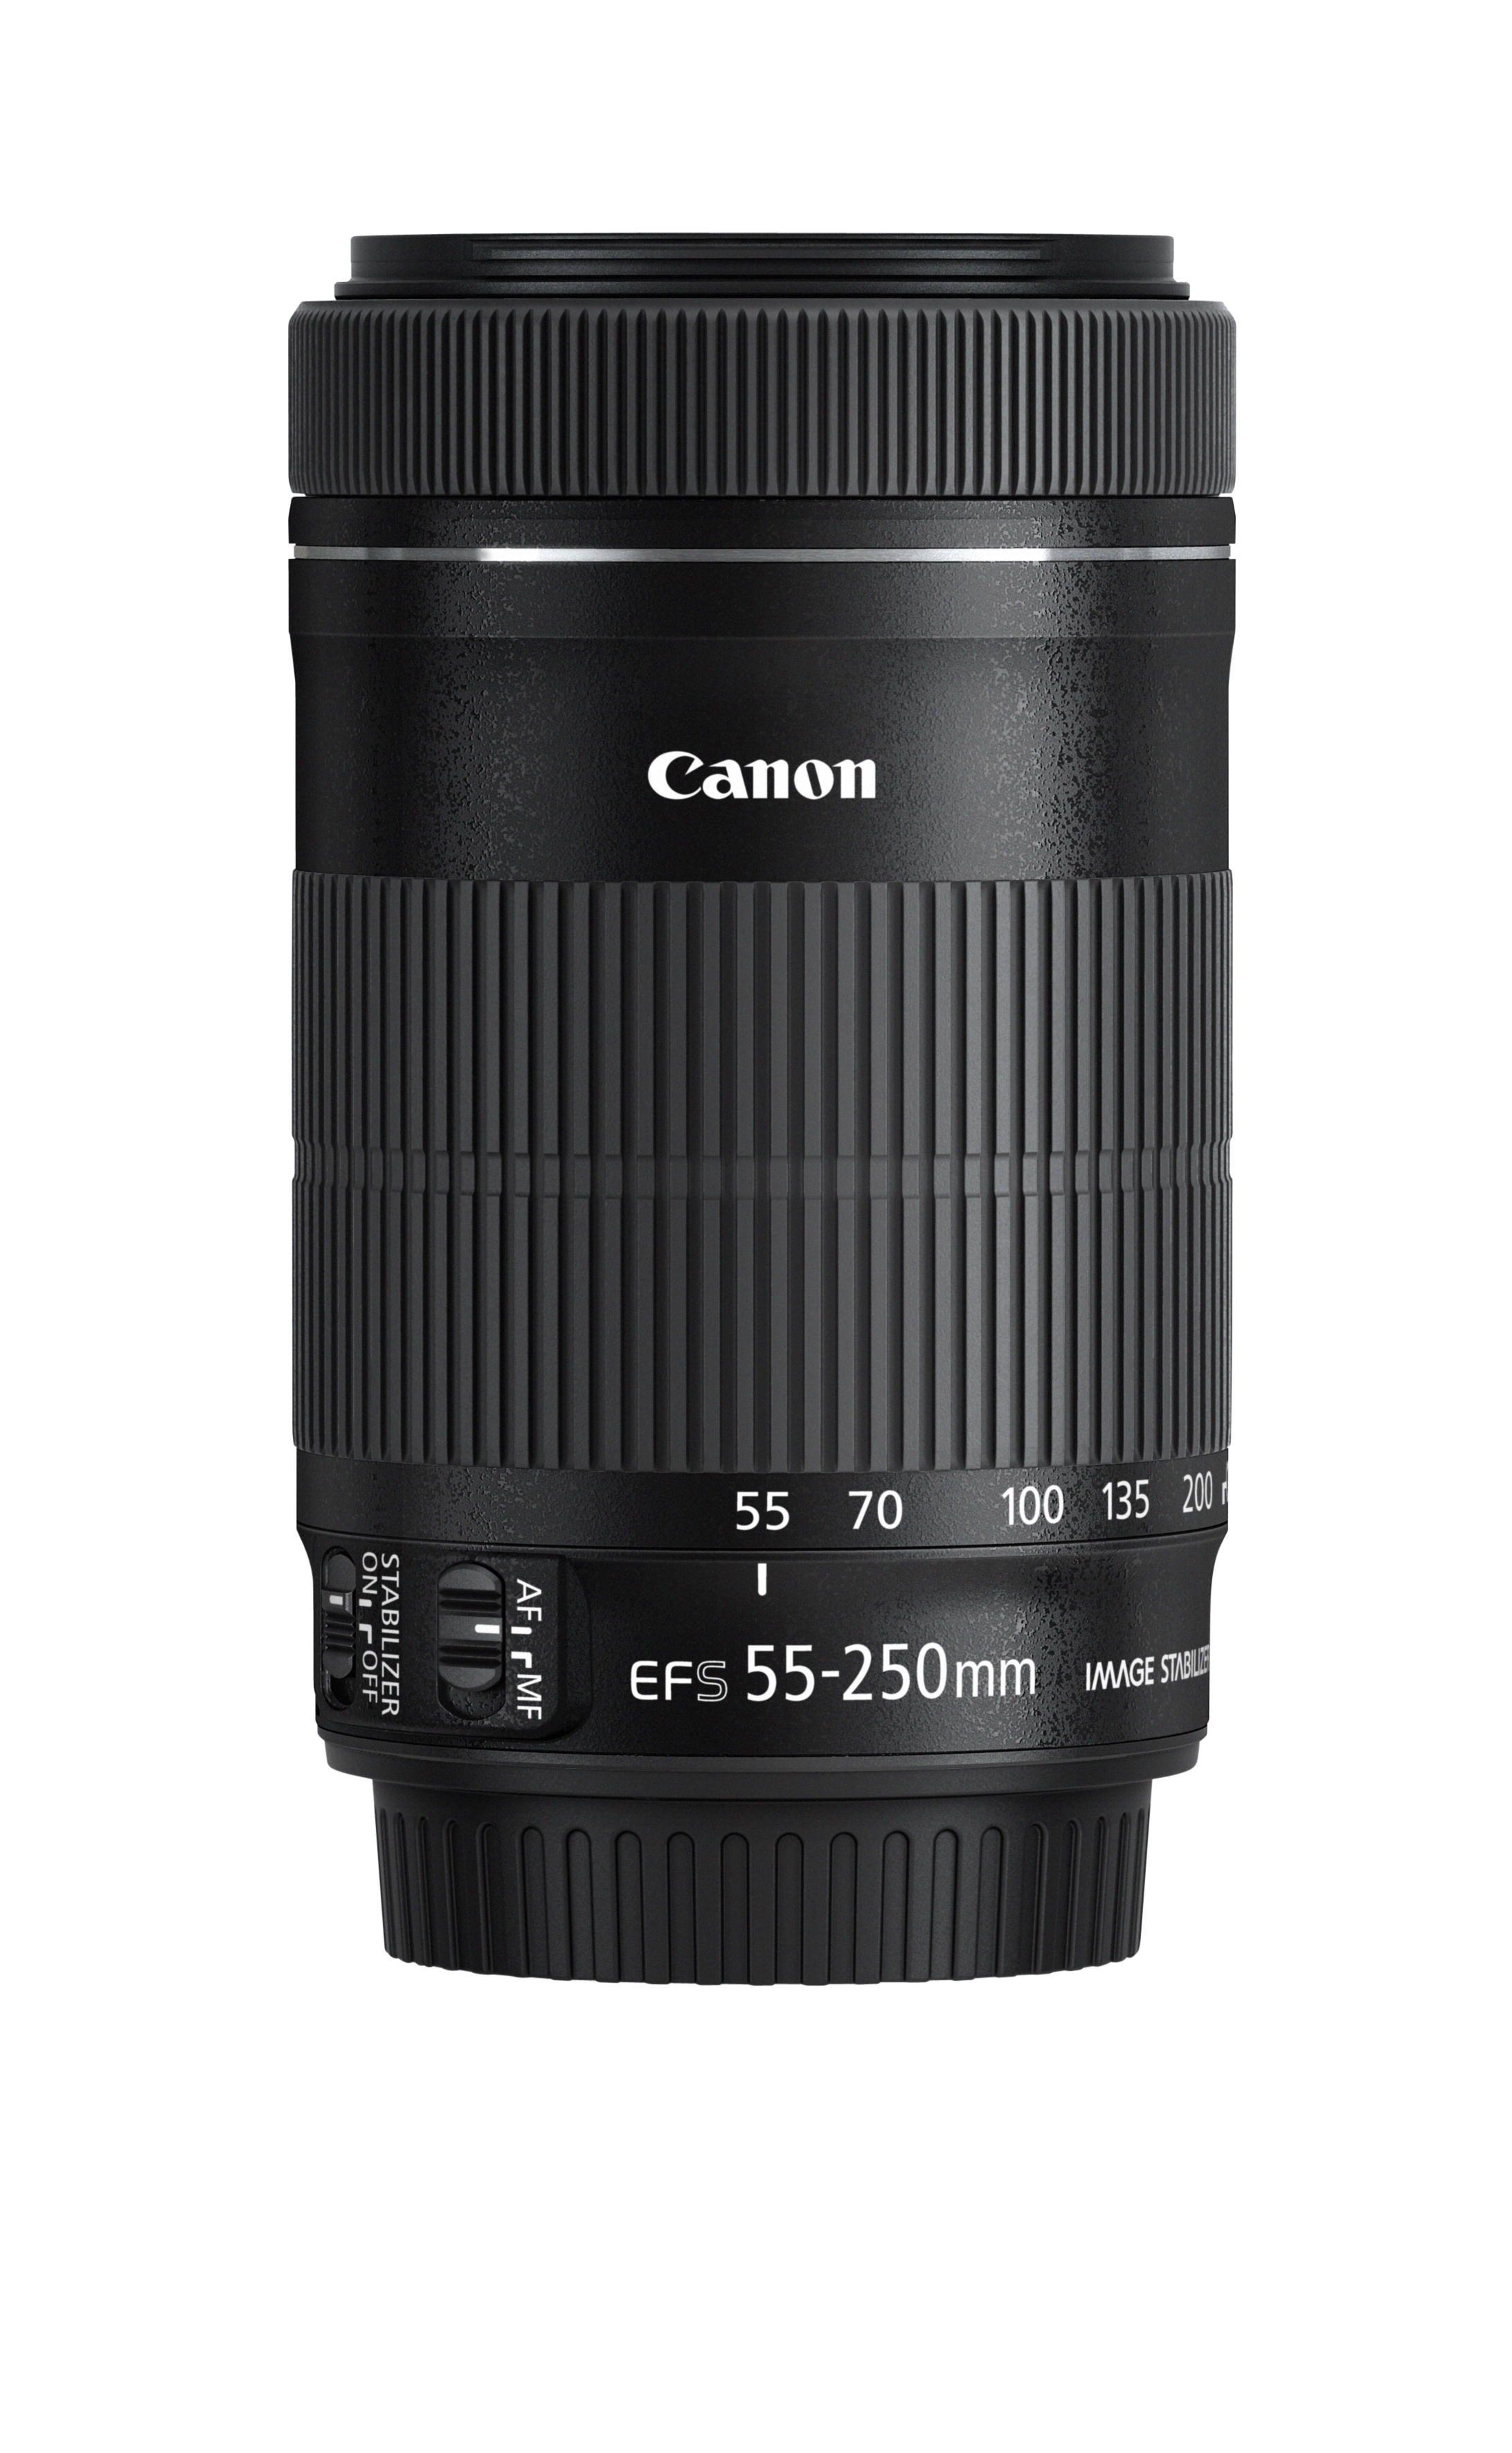 Ny og lettere design på EF-S 55-250mm f/4-5.6 IS STM.Foto: Canon